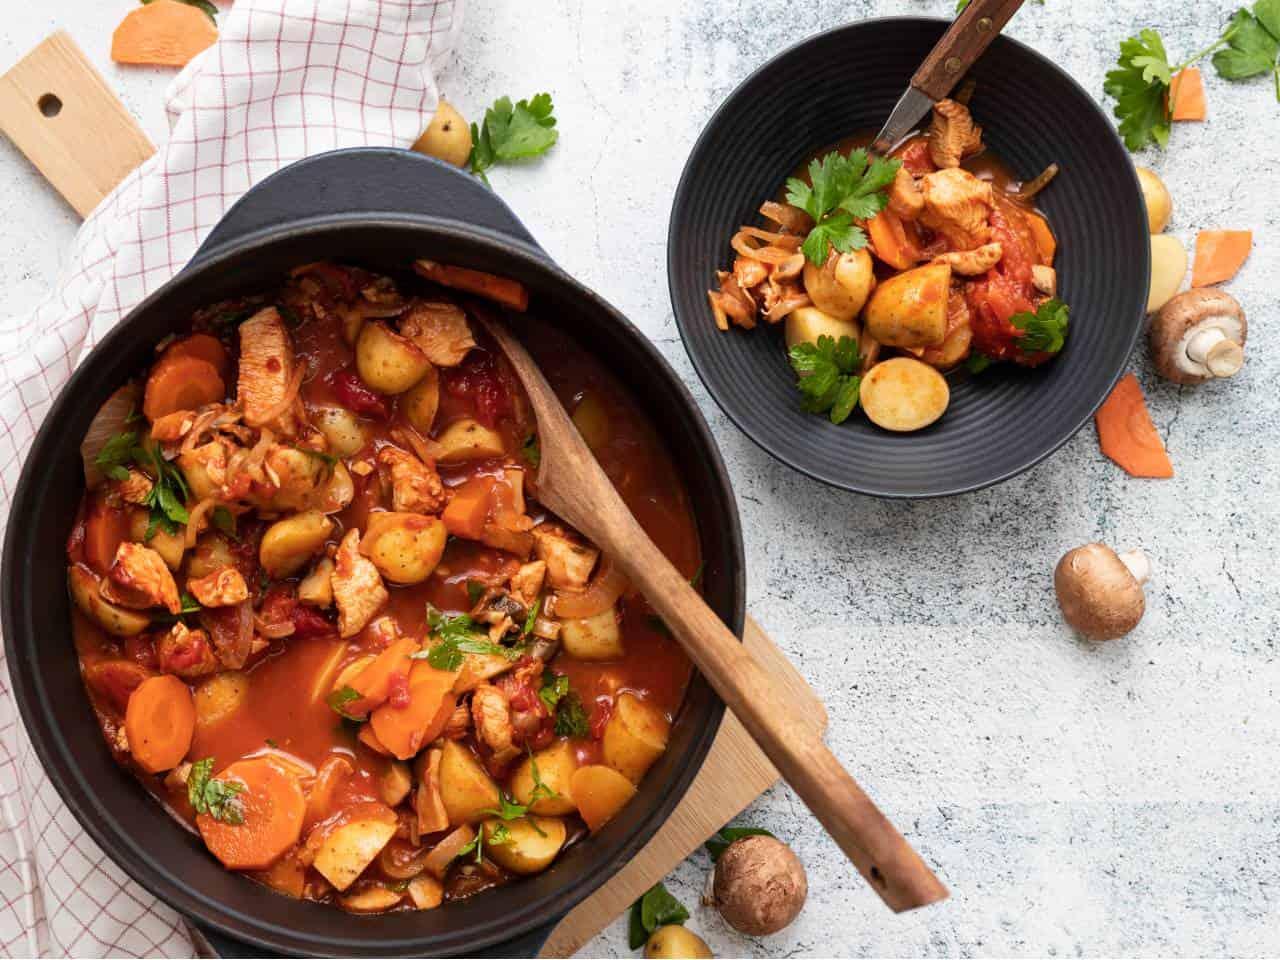 Stoofpotje met kip, kip stoofpotje, stoofschotel met kip, champignons en aardappelkrieltjes.